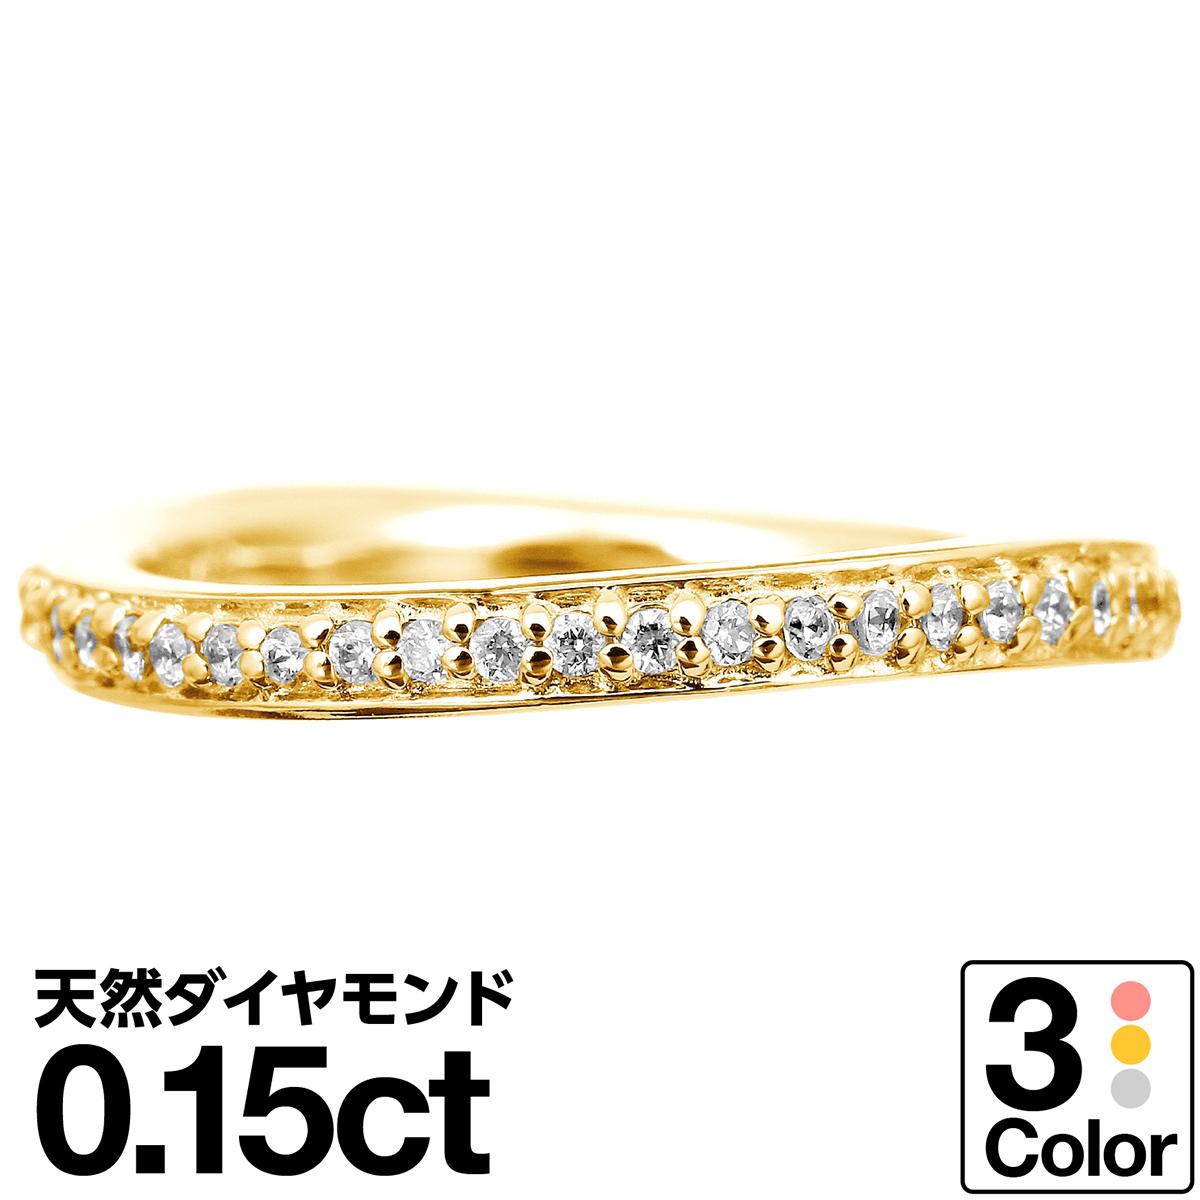 ダイヤモンド リング k18 イエローゴールド ホワイトゴールド ピンクゴールド ファッションリング 品質保証書 金属アレルギー 日本製 誕生日 ギフト